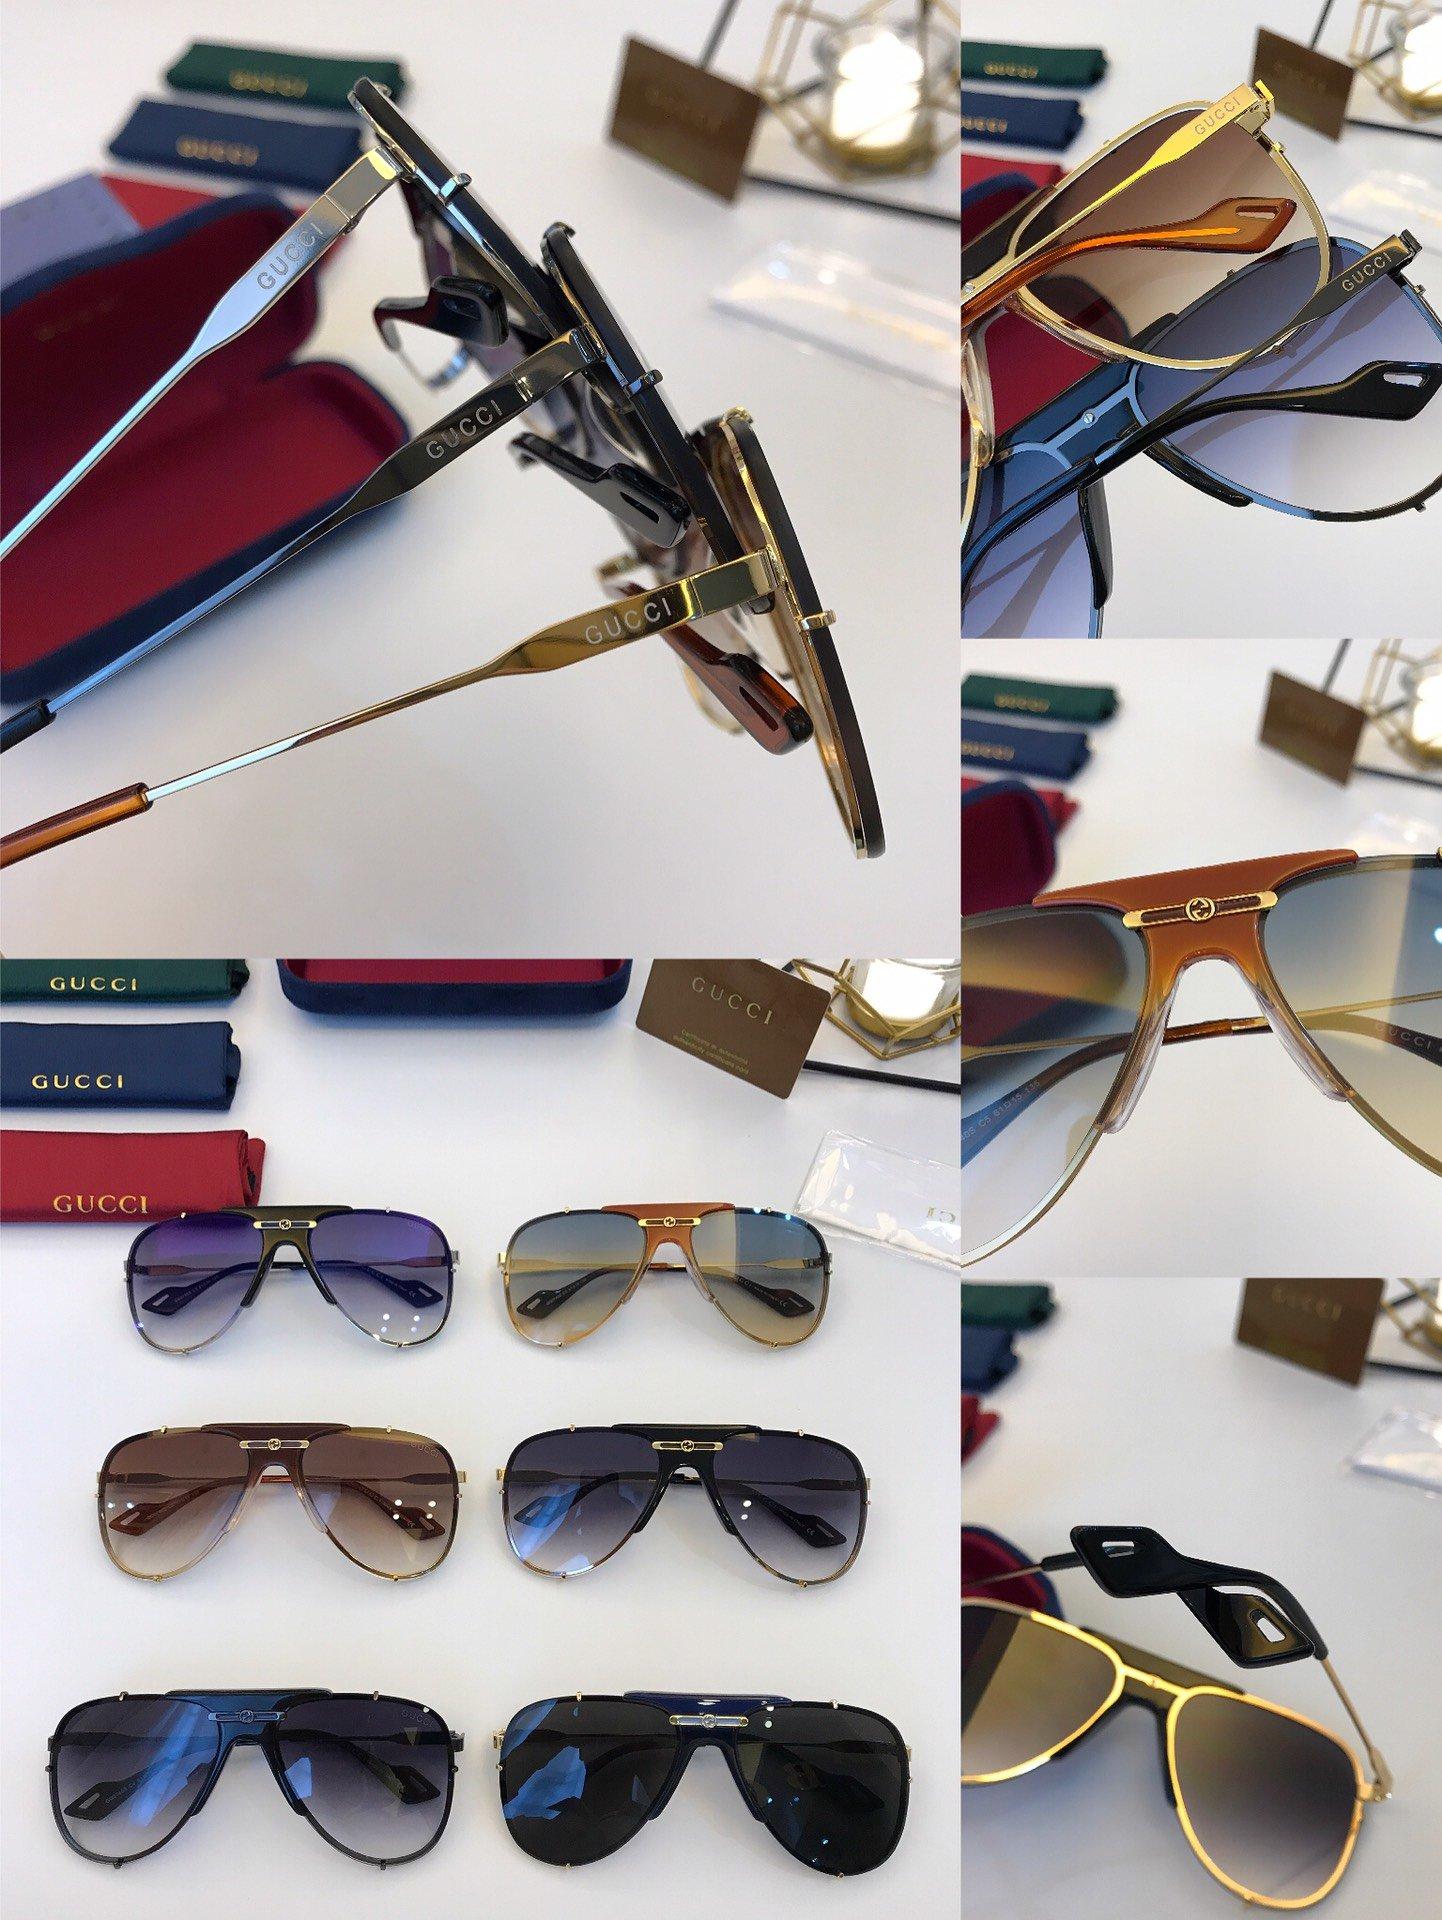 官网款 2020新款 GUCCi古家 GG0740S   超轻全框太阳眼镜(图1)